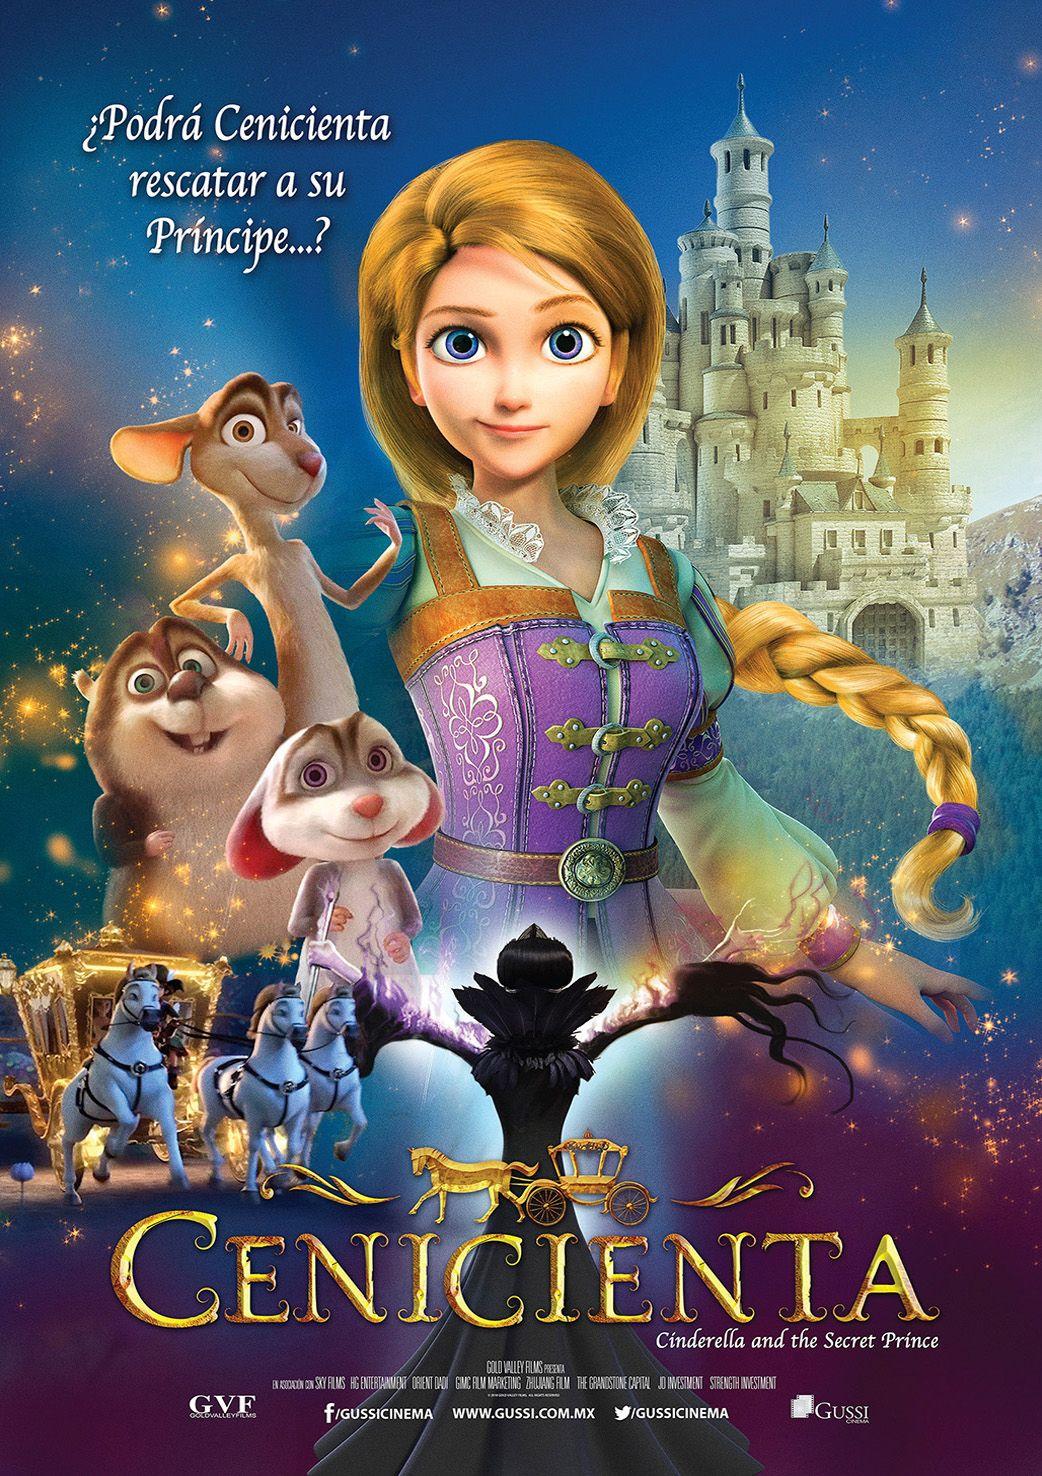 ผลการค้นหารูปภาพสำหรับ Cinderella poster 2019 movie